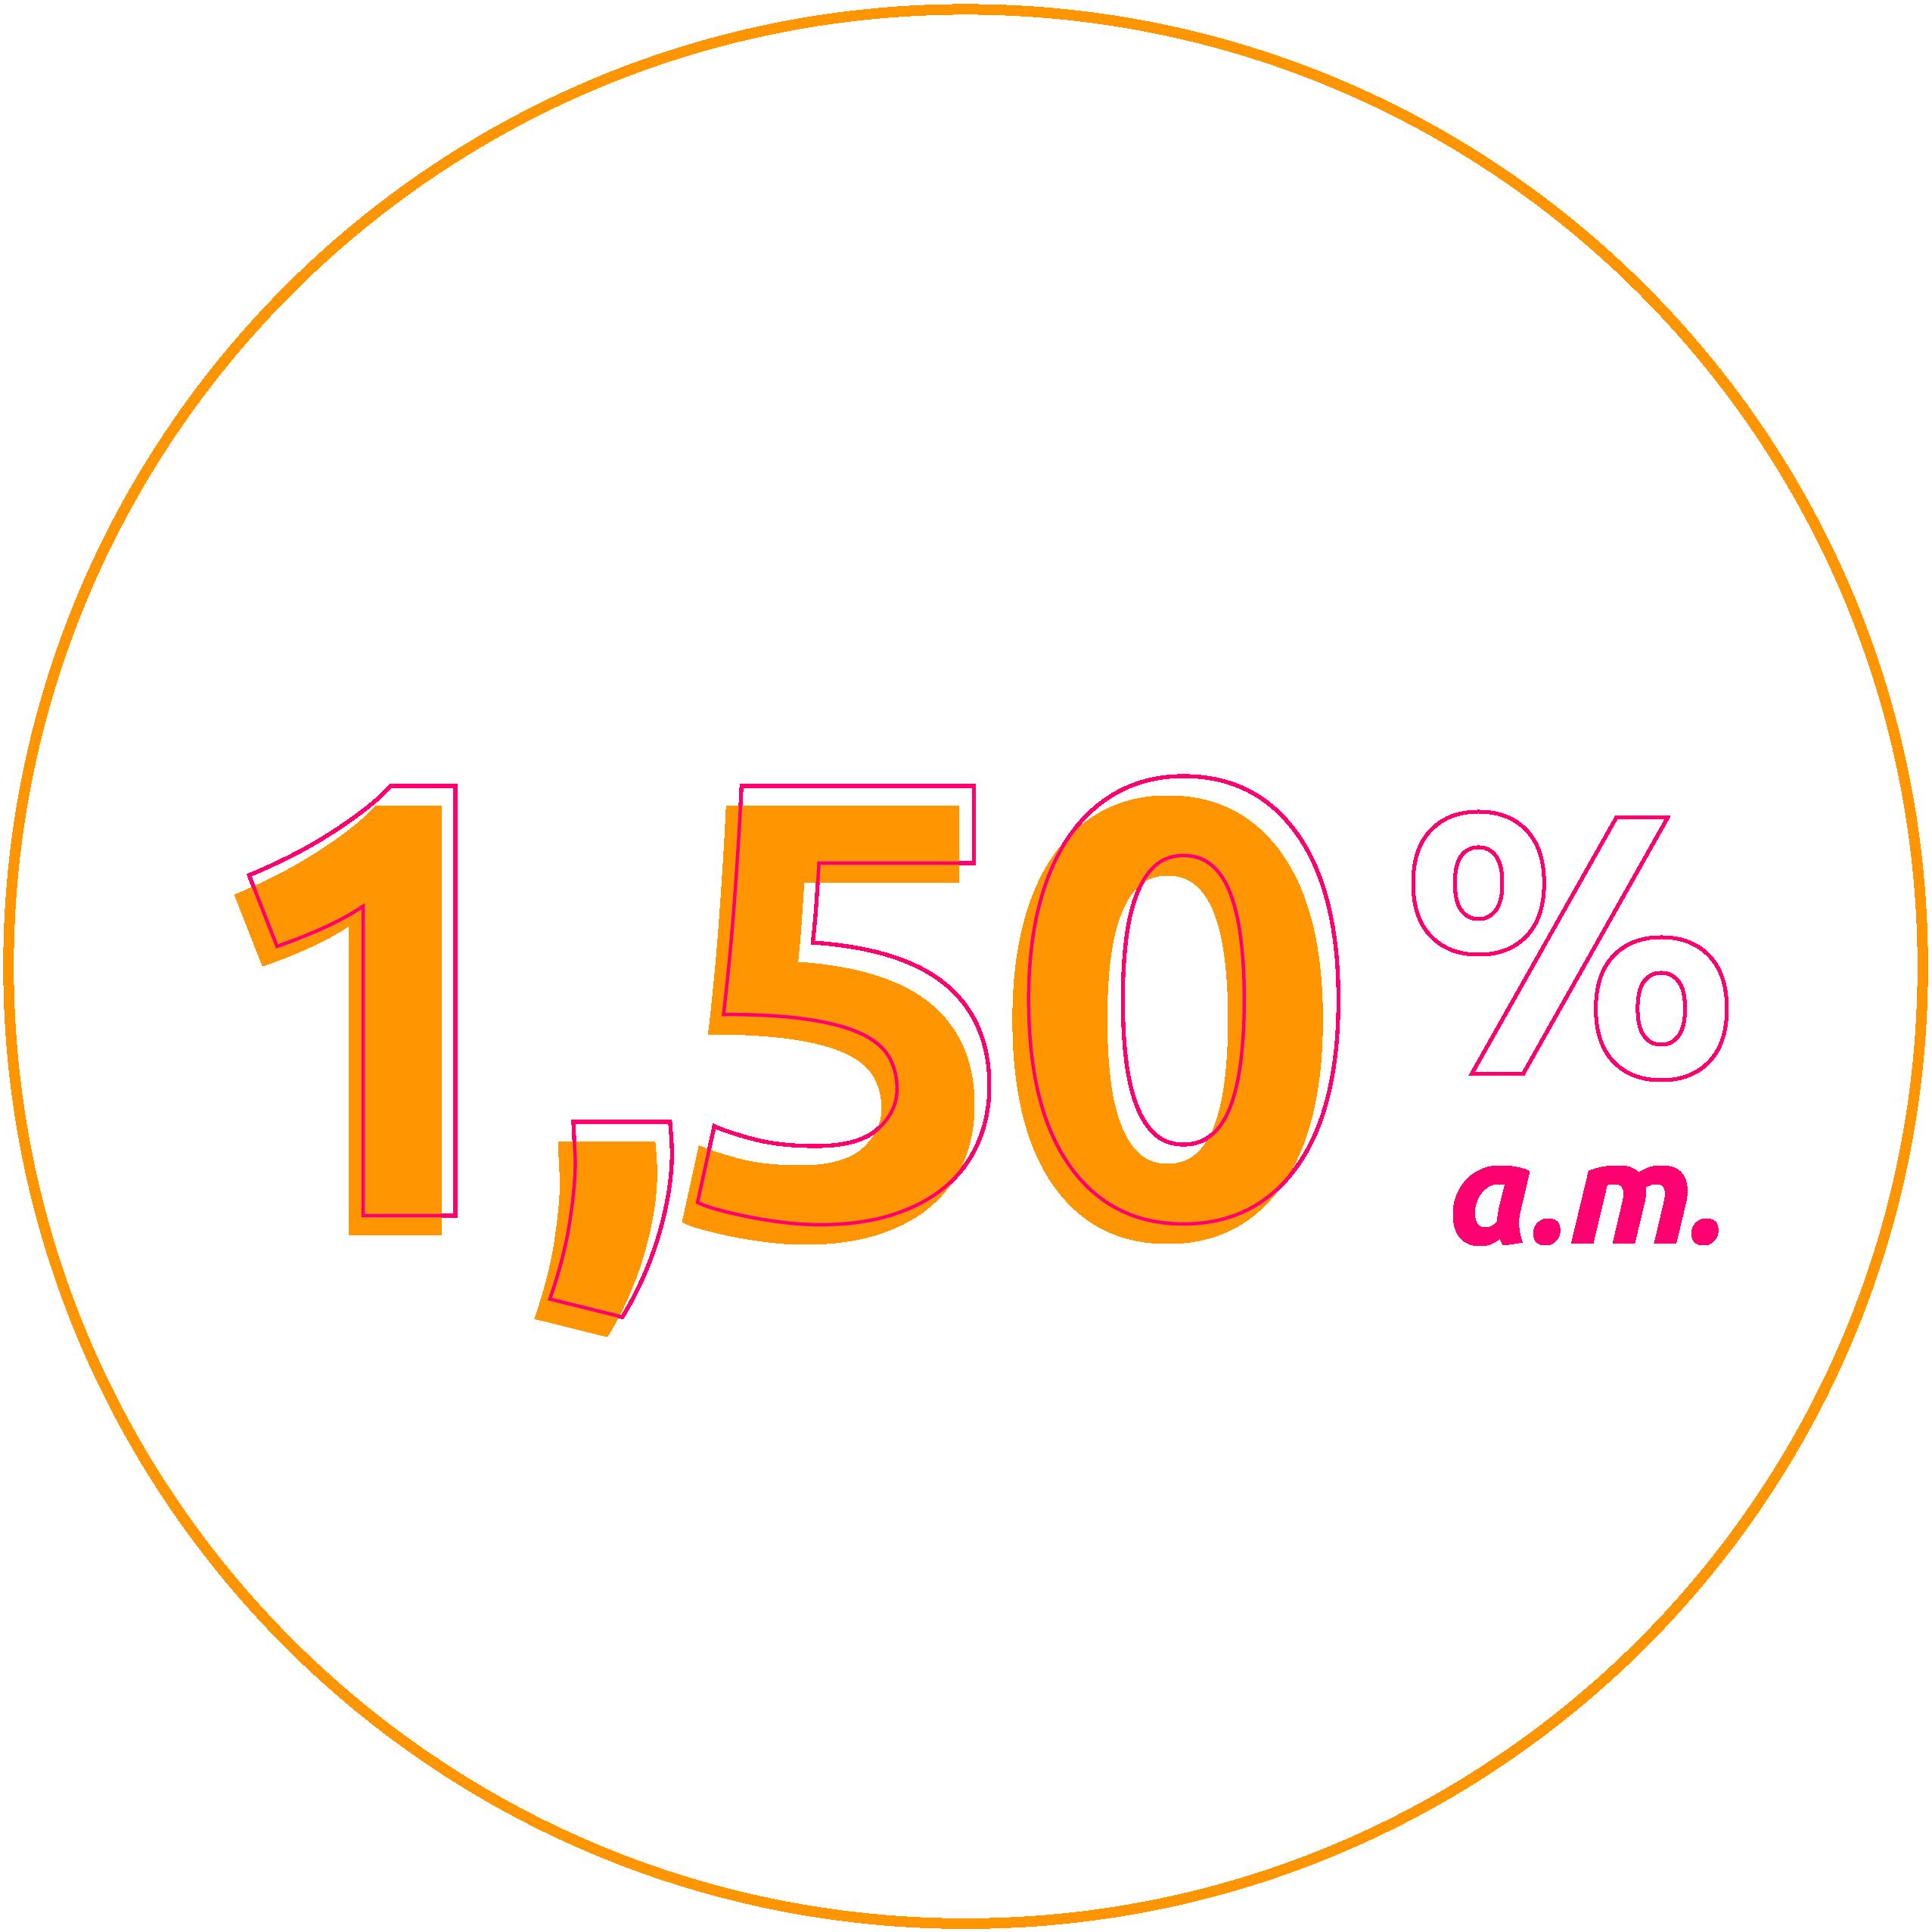 Taxa de 1,20% ao mês